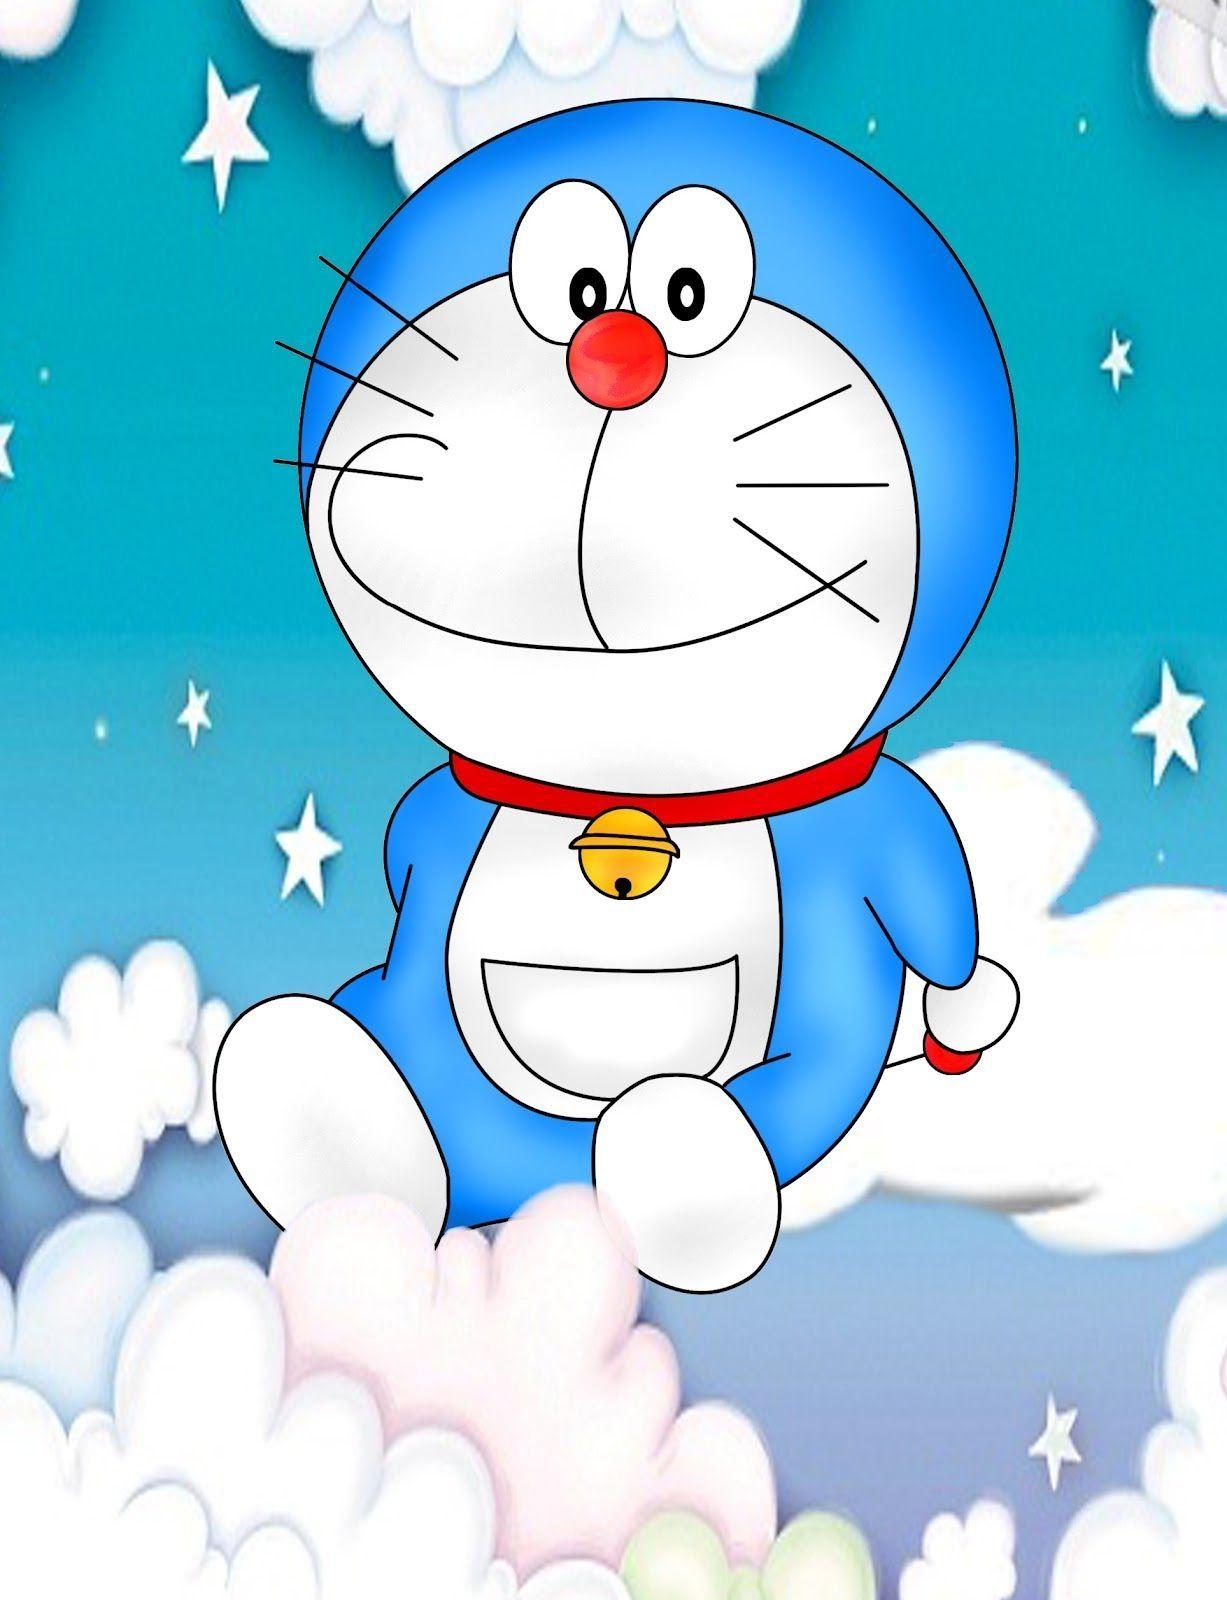 Doraemon Wallpaper For Iphone In 2019 Doraemon Wallpapers Throughout Awesome Doraemon Wallpaper For W Doraemon Wallpapers Doraemon Wallpaper Wallpaper Doraemon Doraemon wallpaper wall pictures